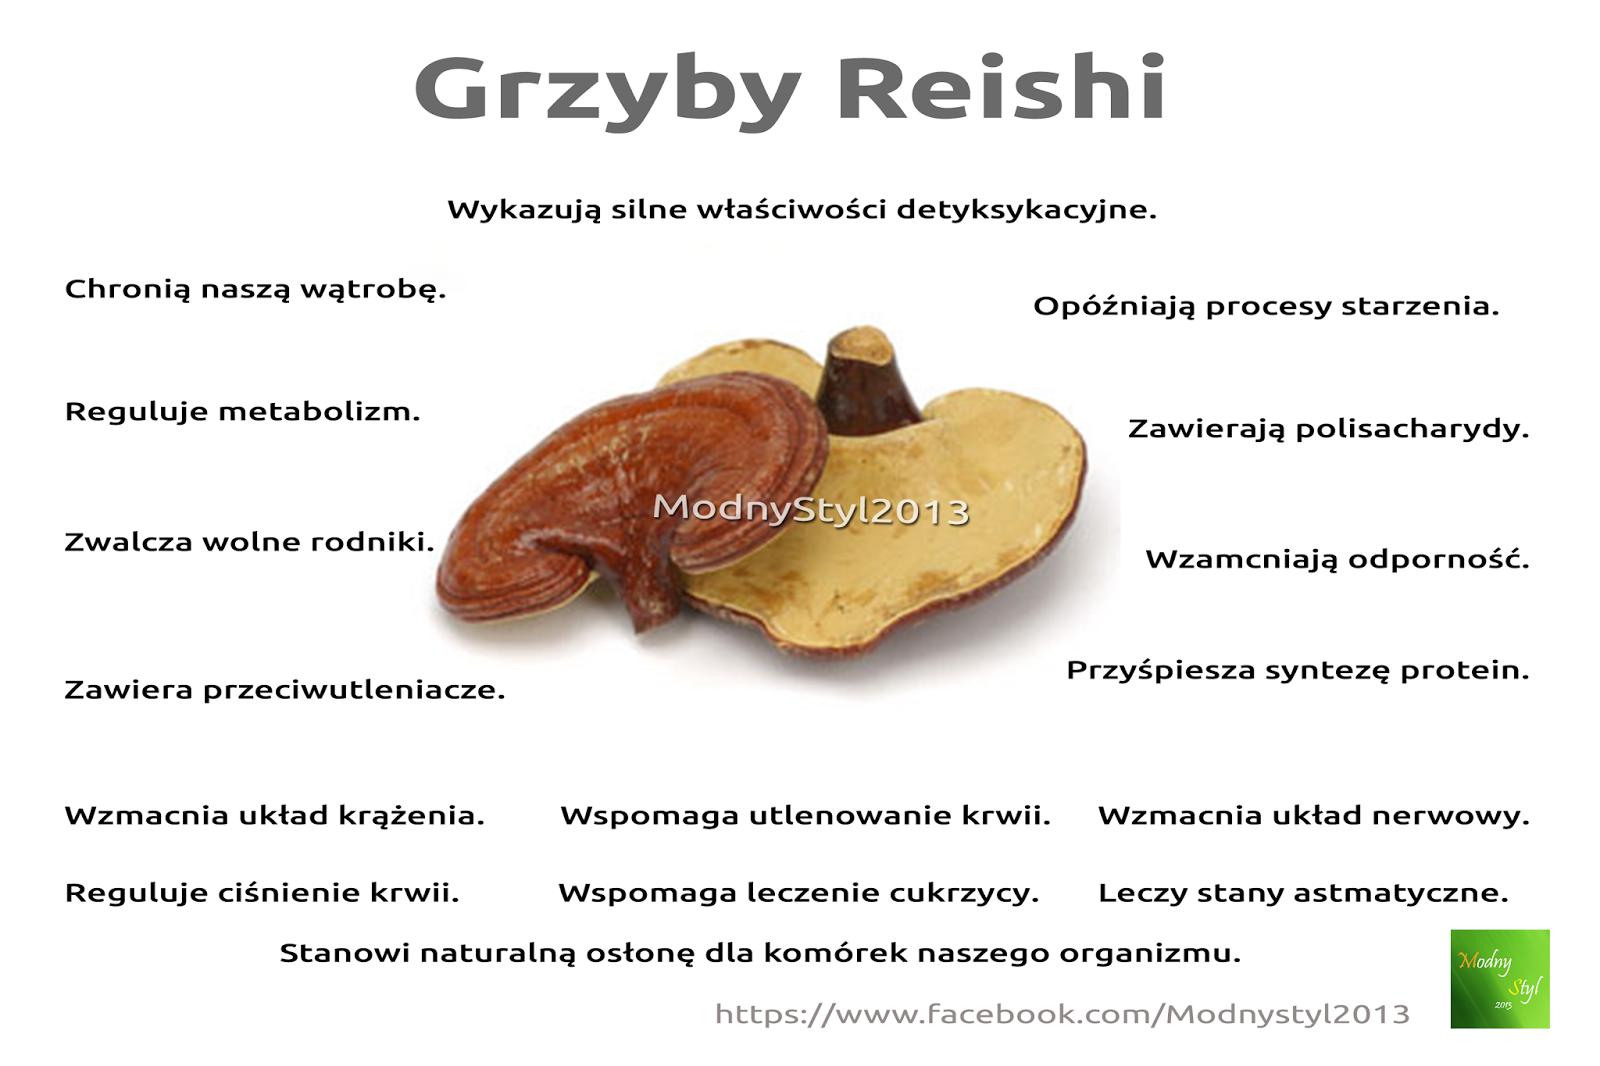 Grzyby Reishi